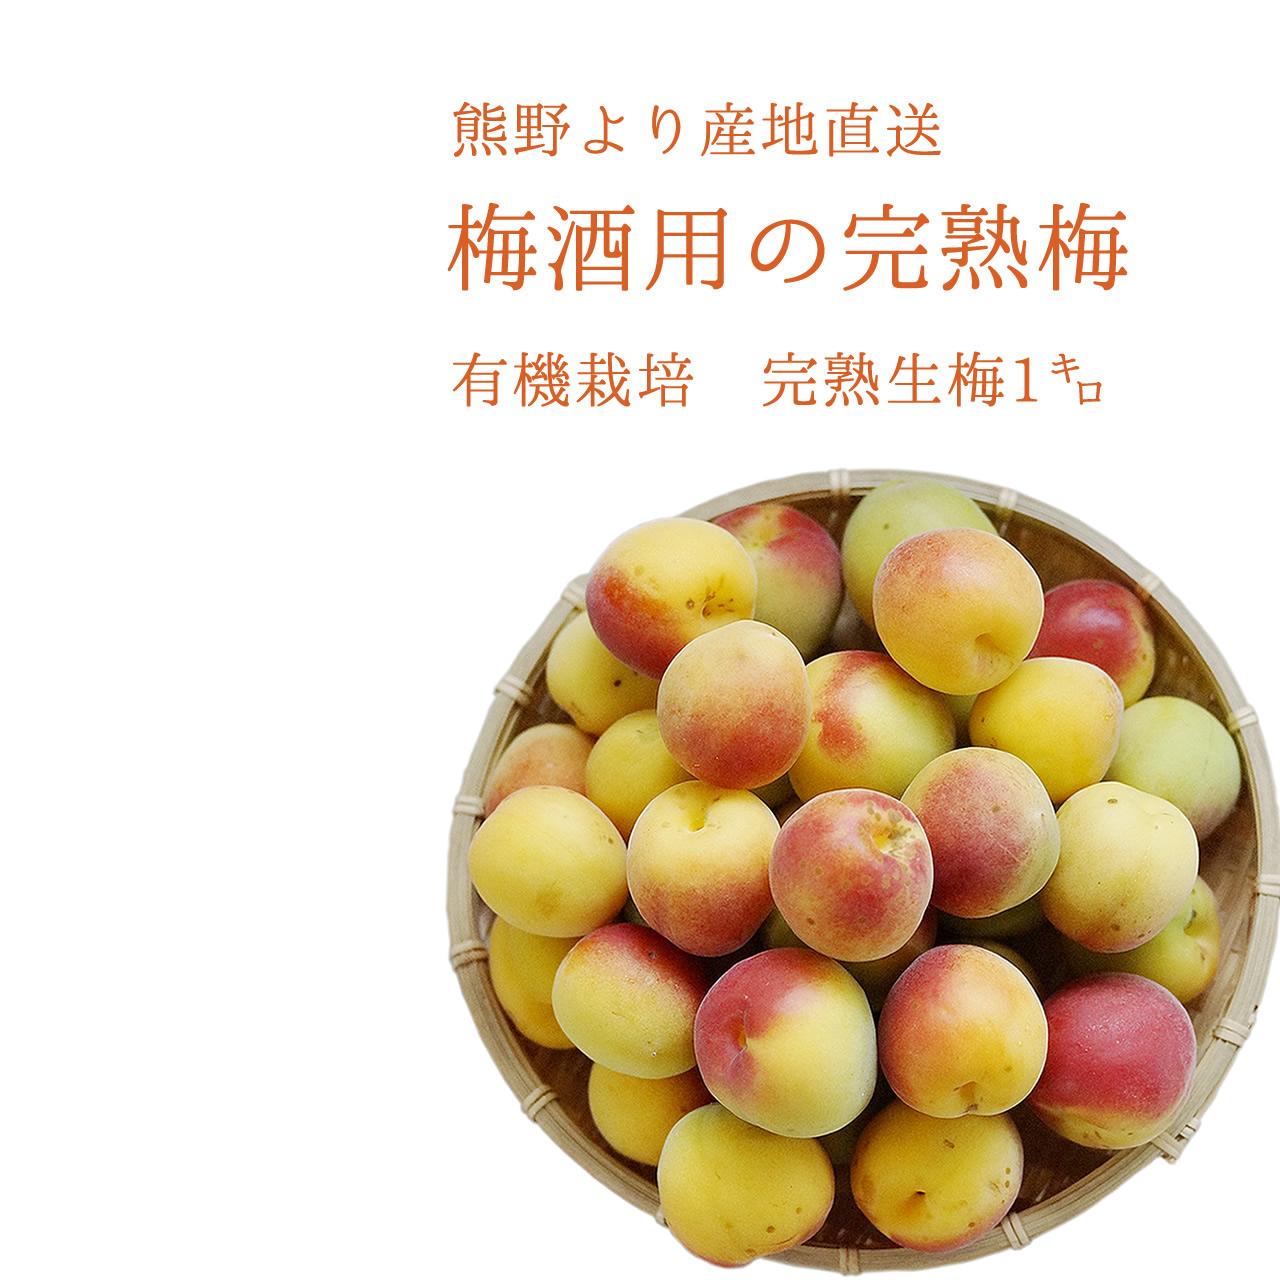 やさしい梅屋さんの 有機栽培完熟生梅(生梅) 梅酒専用の生梅(紀州 和歌山県産) 1kg【冷蔵配送】